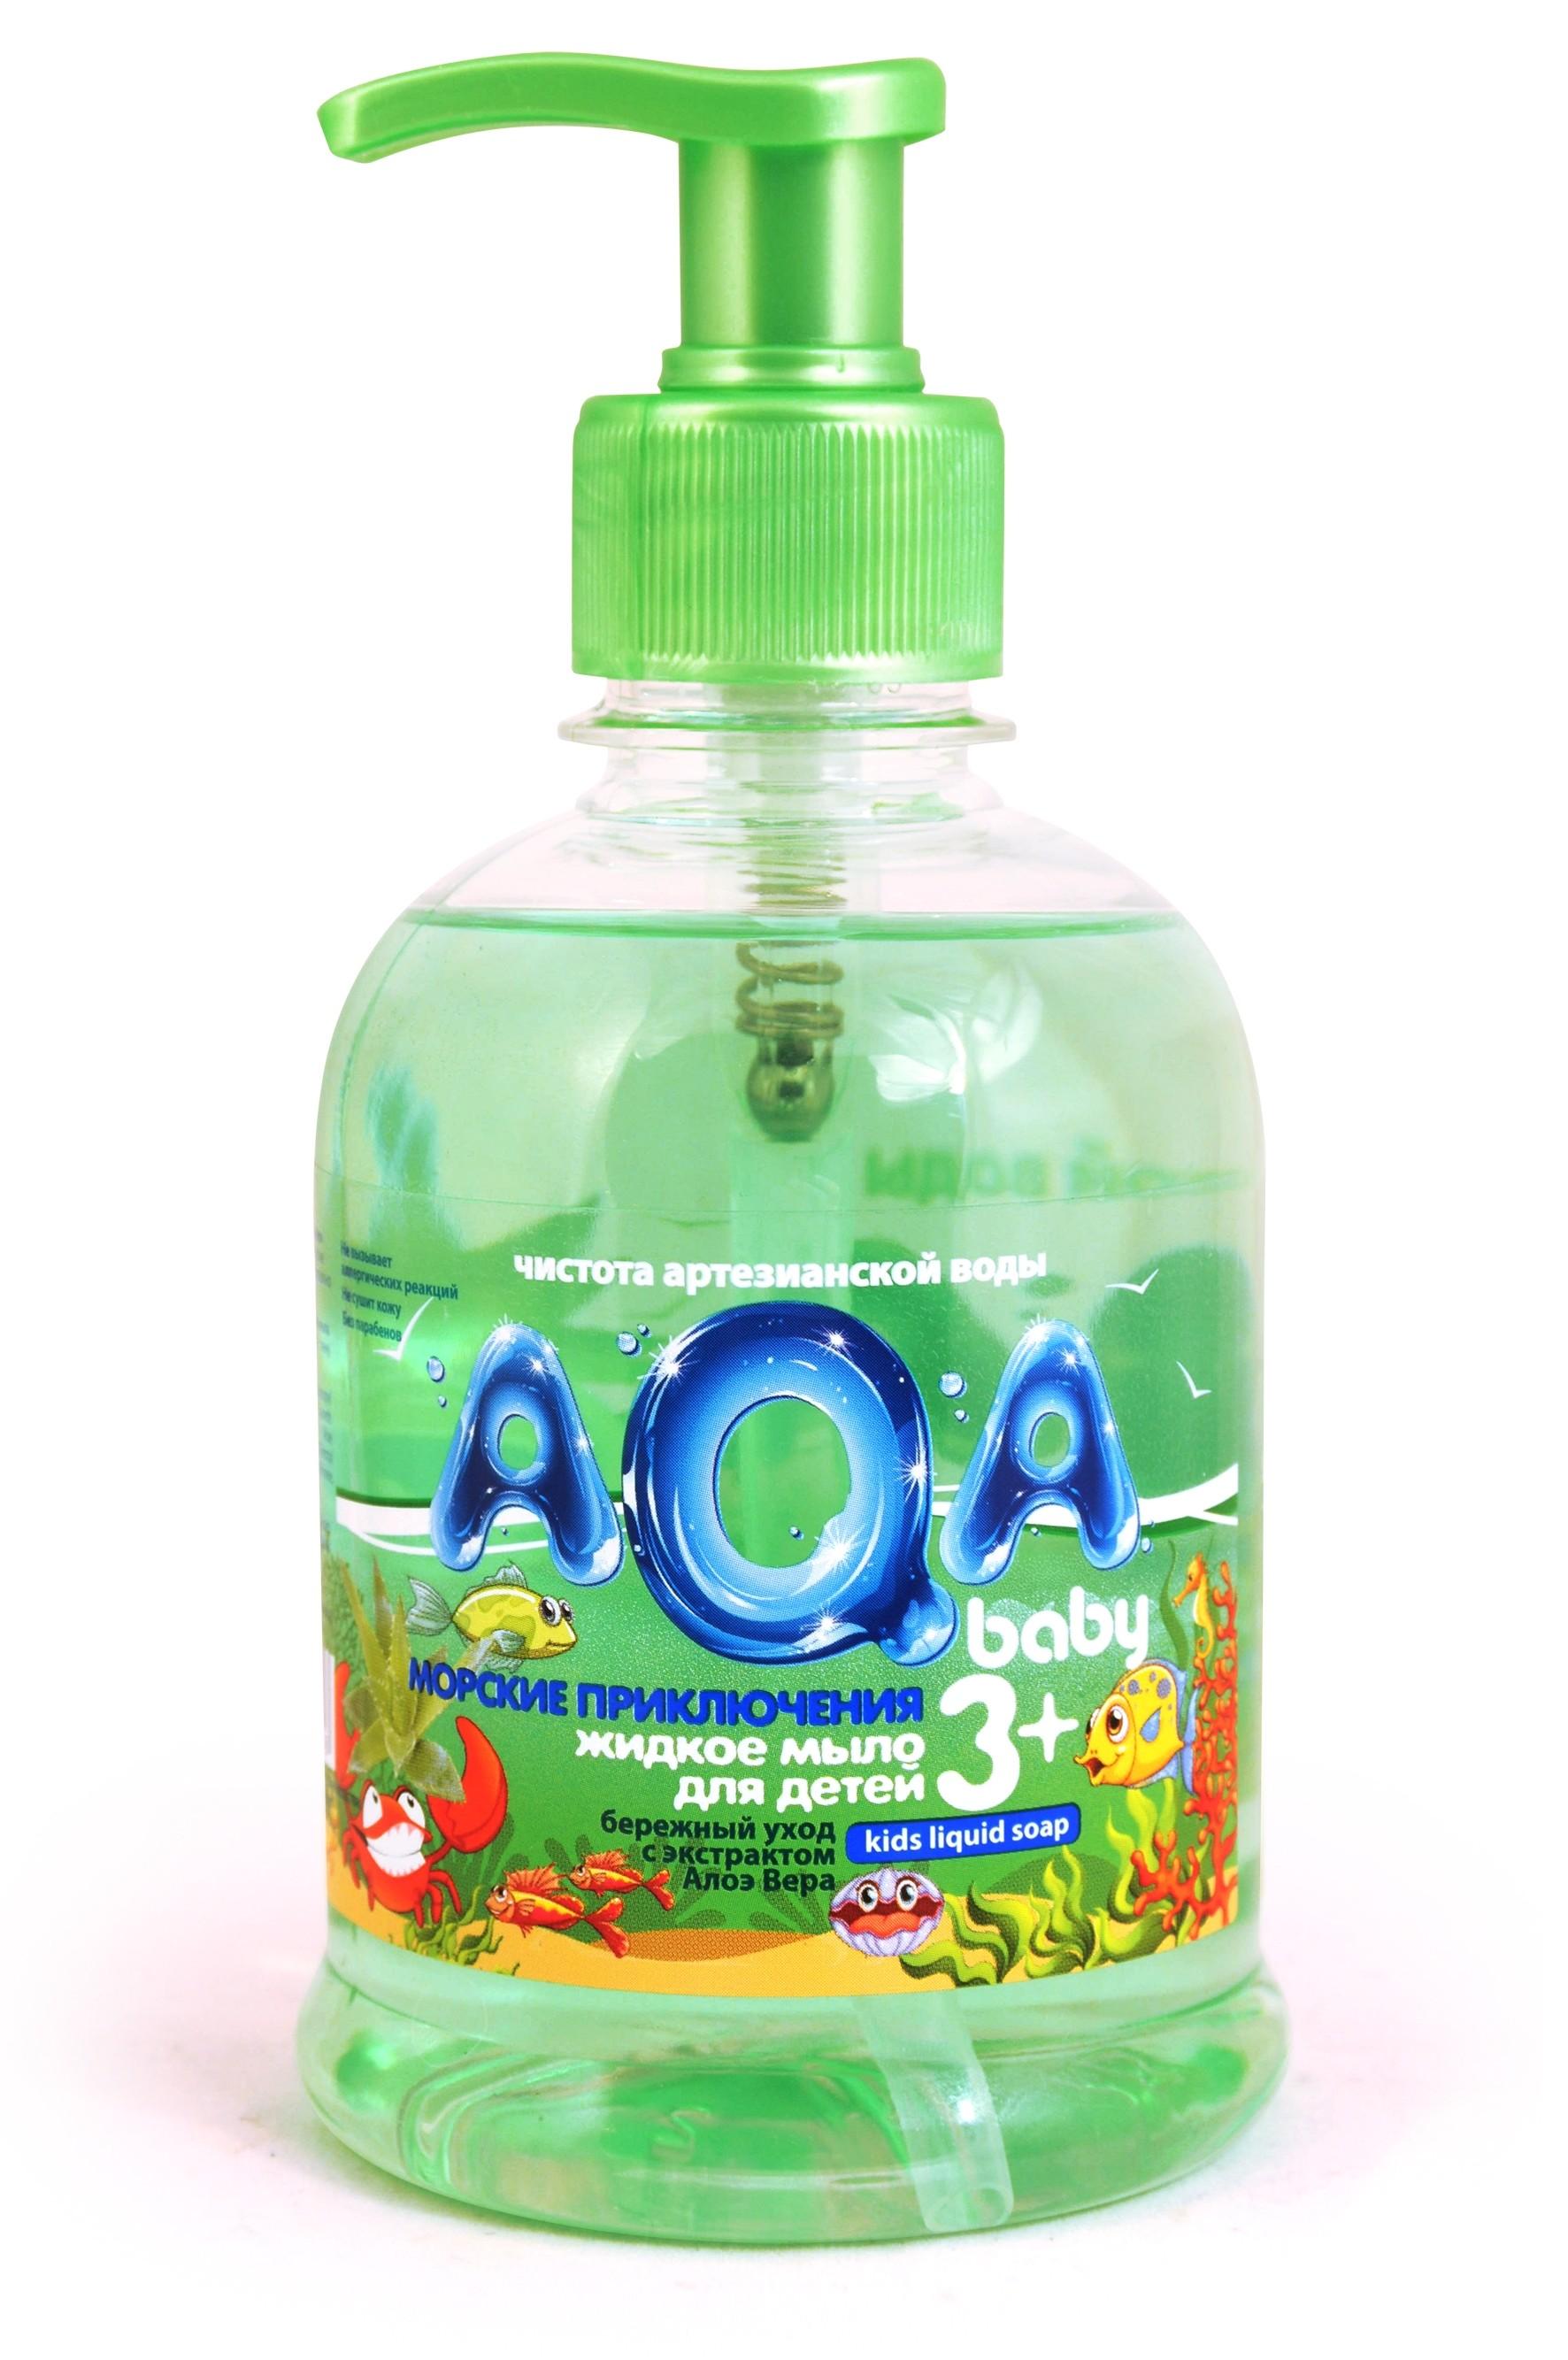 Детское мыло AQA baby Жидкое мыло AQA Baby «Морские приключения» 300 мл гель мыло для рук морские минералы cosmia 300 мл